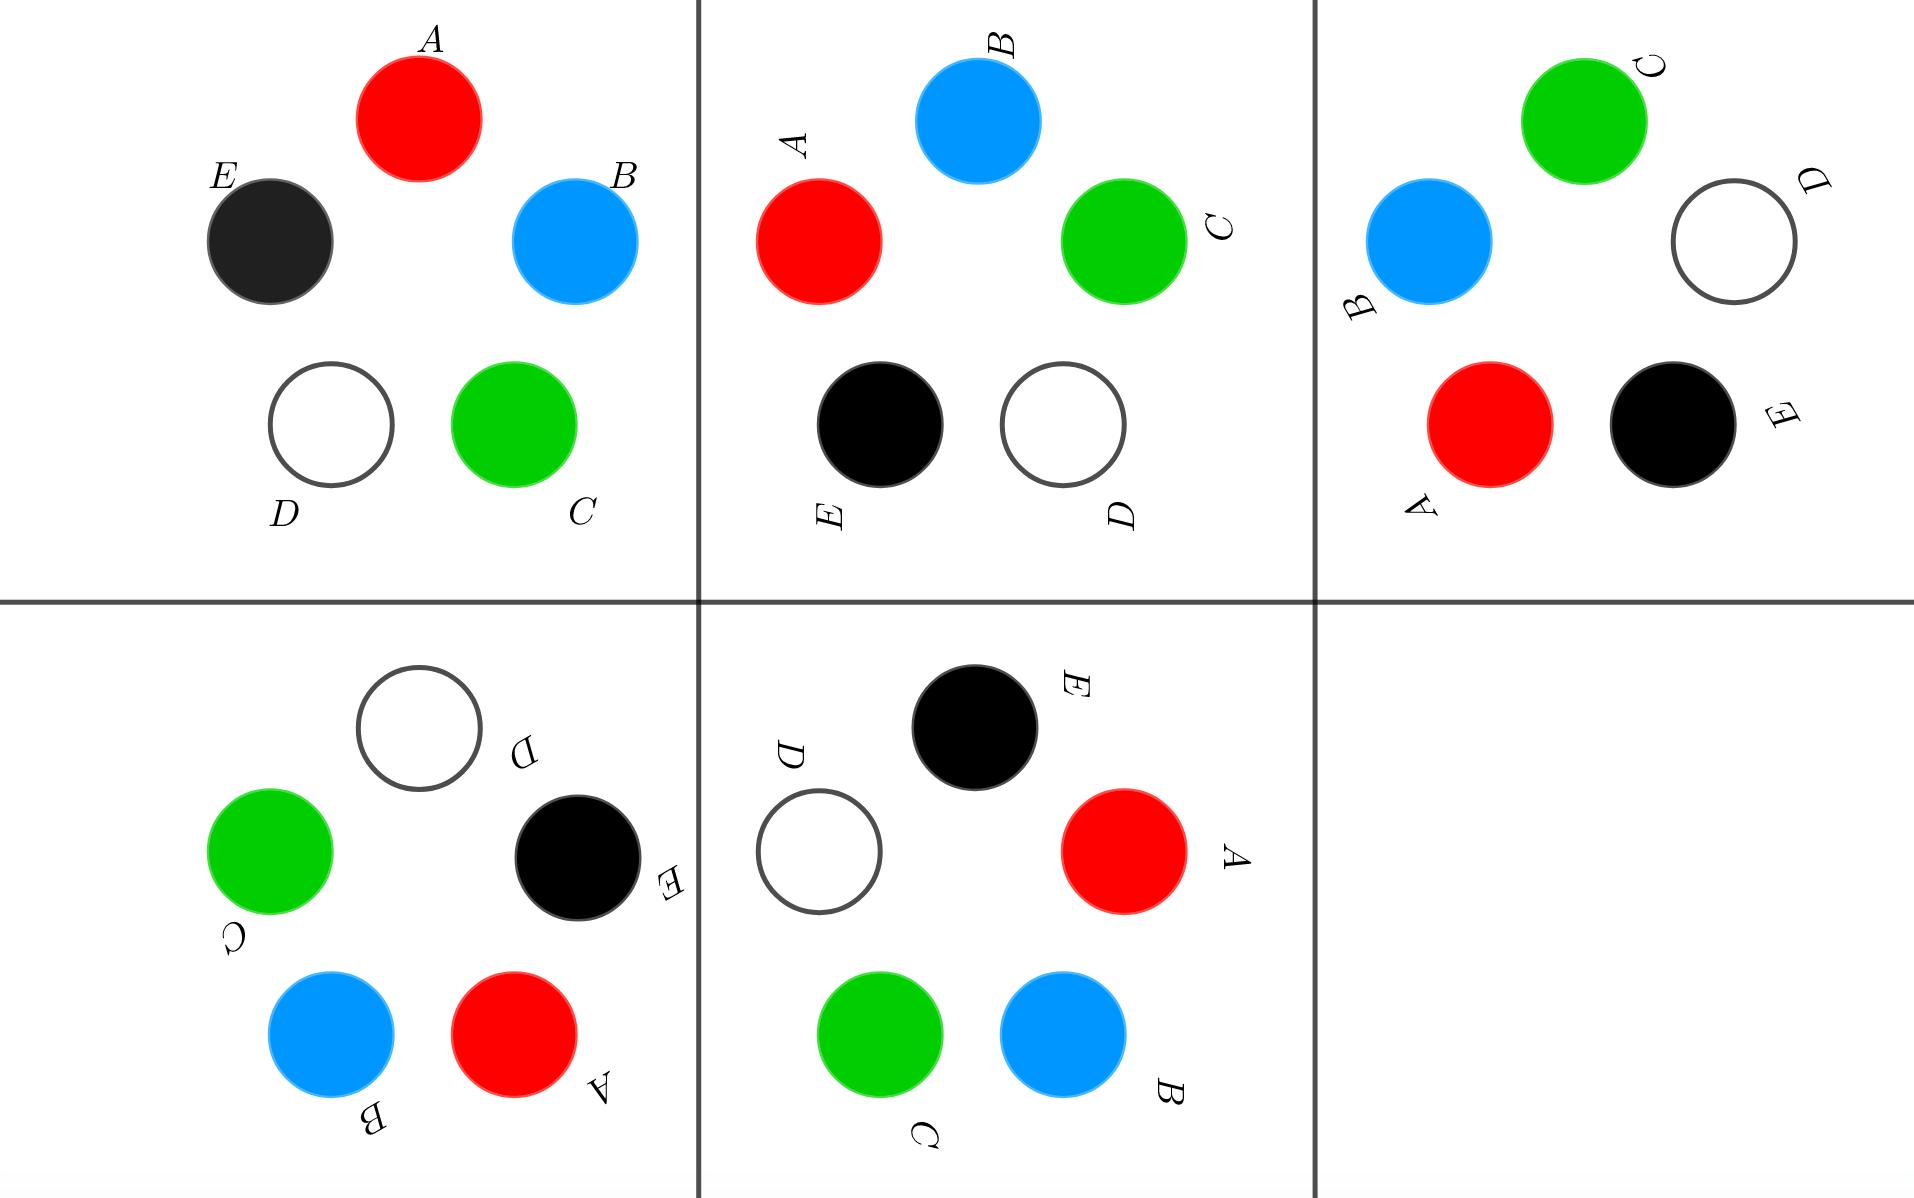 円順列は回転して同じものは一緒とみなす